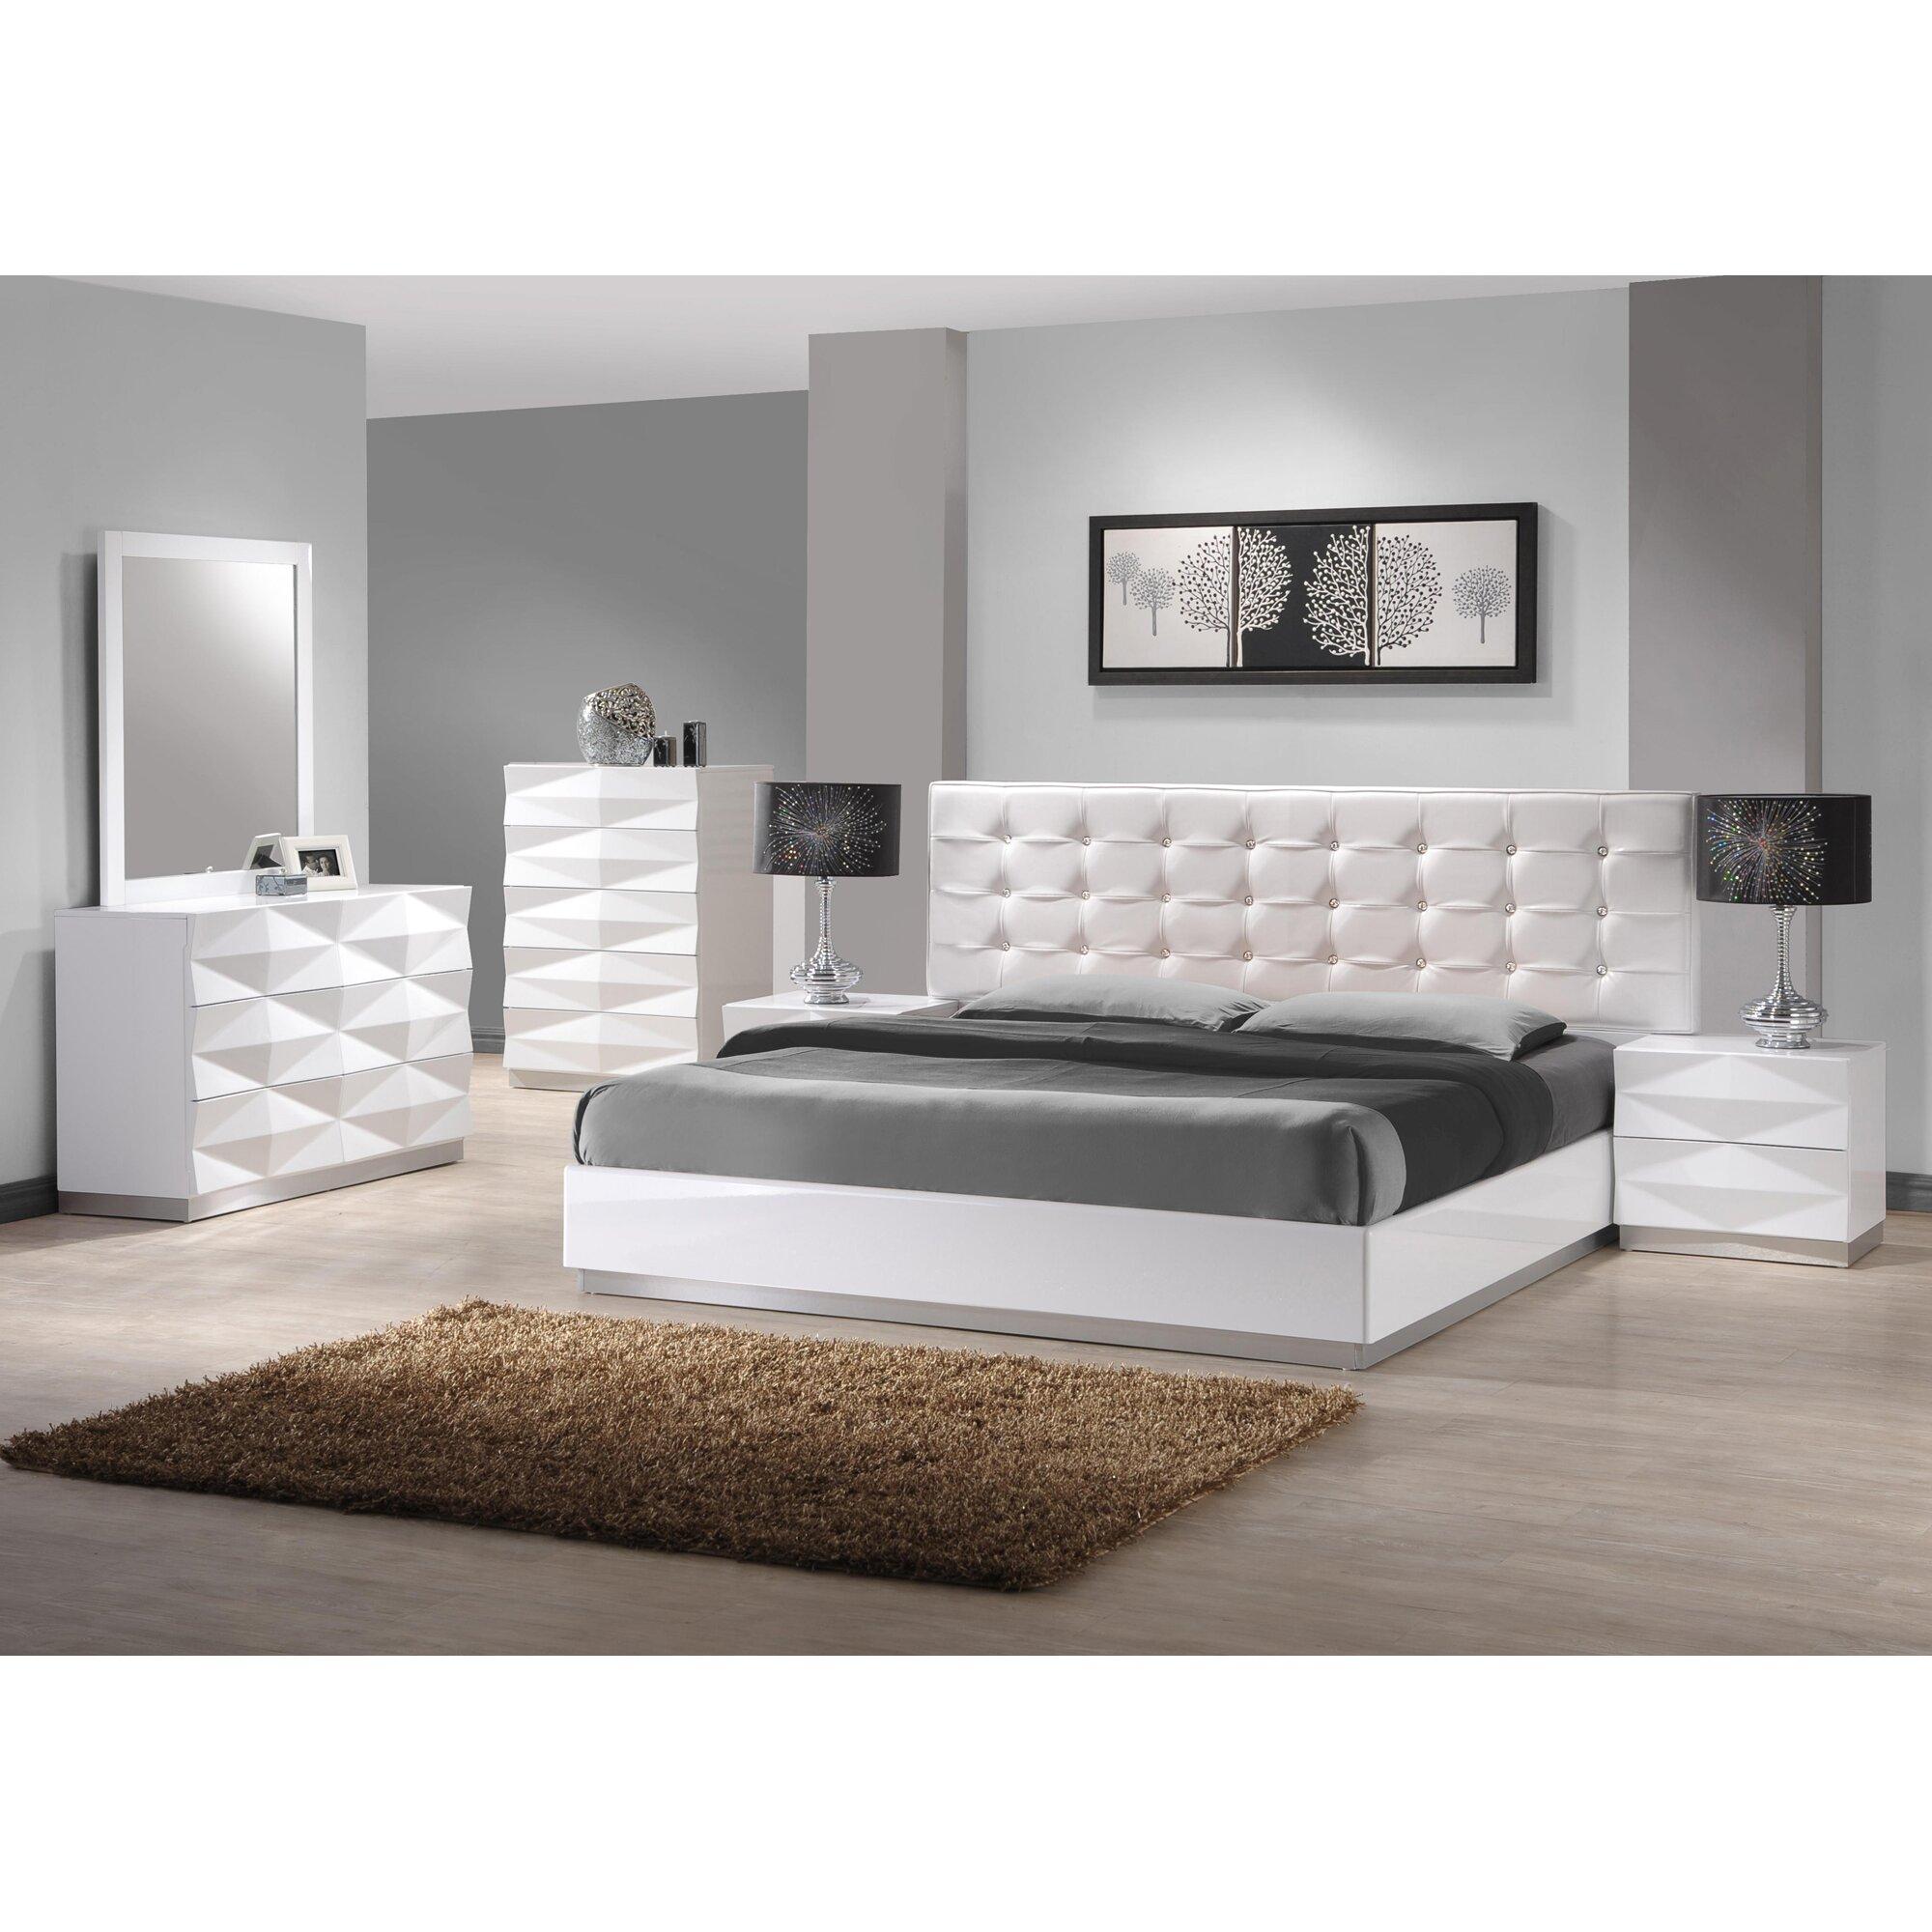 J M Furniture Verona Platform 3 Piece Bedroom Set Reviews Wayfair